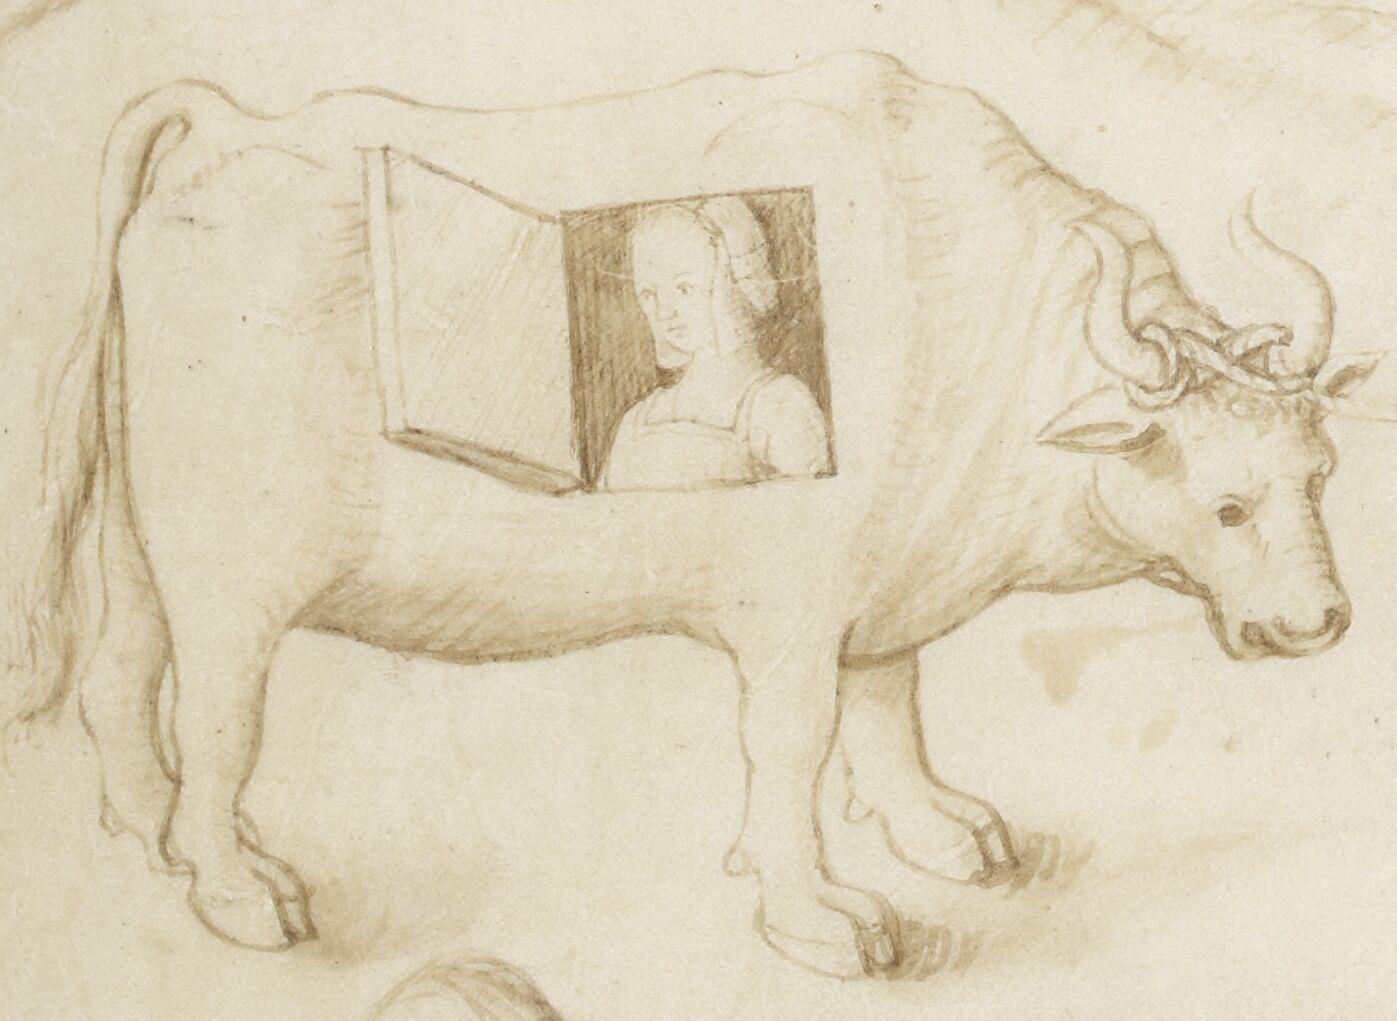 Recueil de dessins ou cartons, avec devises, destinés à servir de modèles pour tapisseries ou pour peintures sur verre.